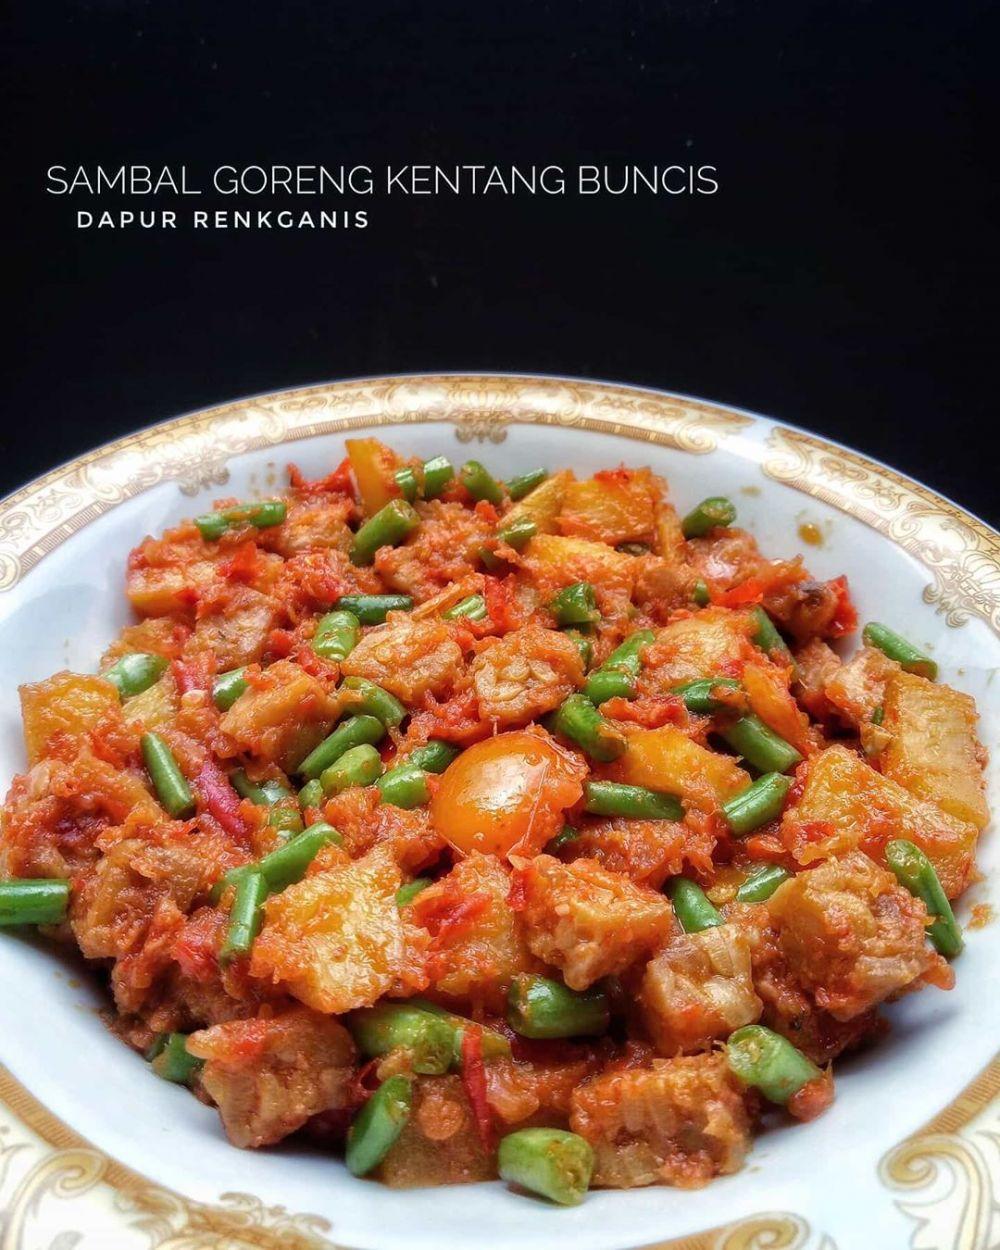 Sambal goreng kentang © 2020 Instagram/@nana_hanif7  ; Instagram/@yoanitasavit